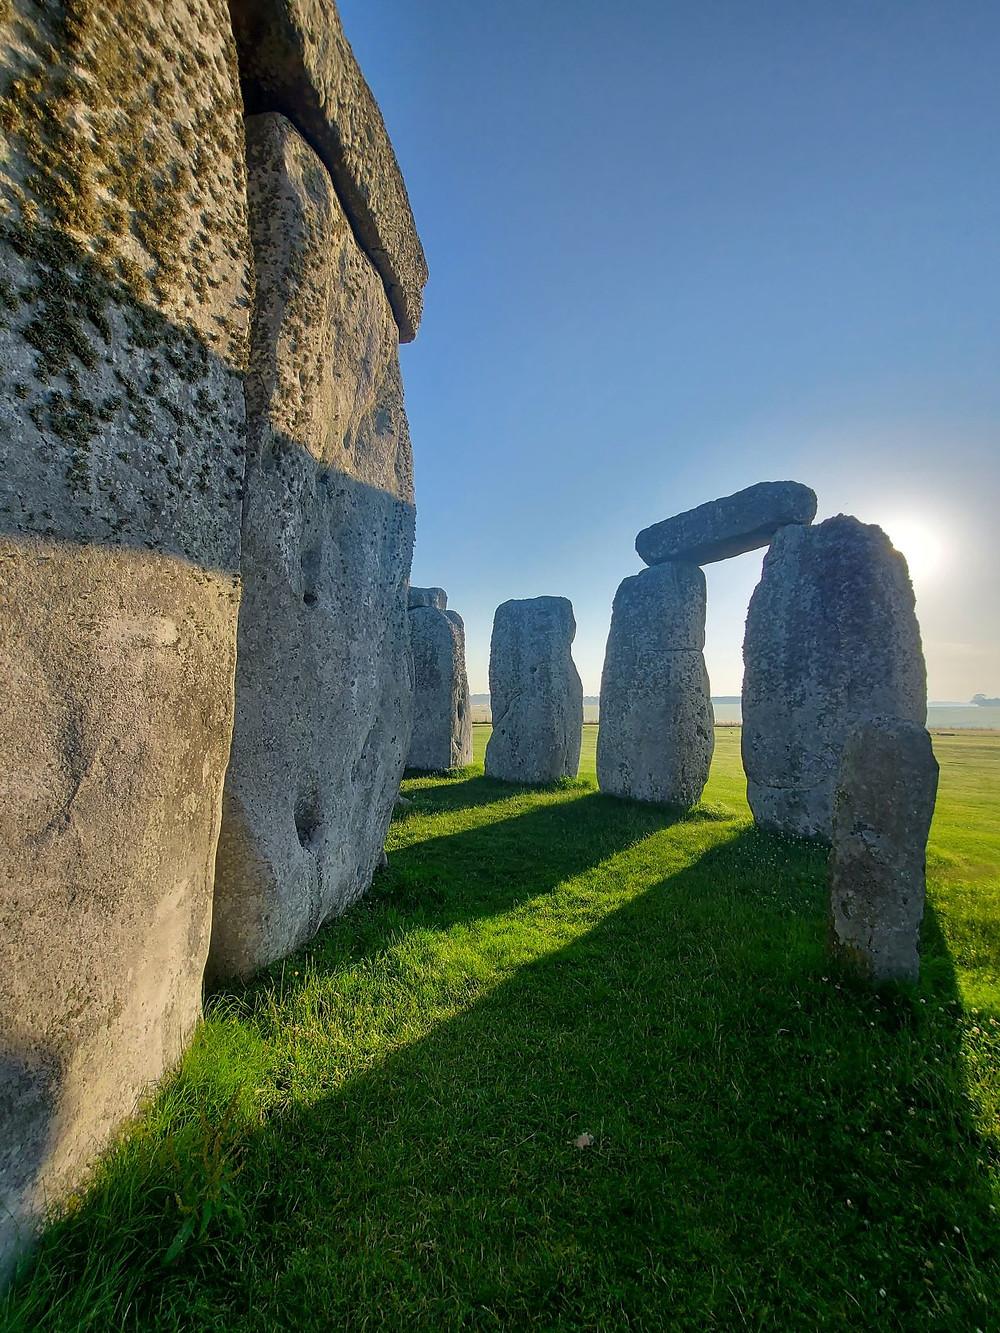 Sun rise and shadows at Stonehenge